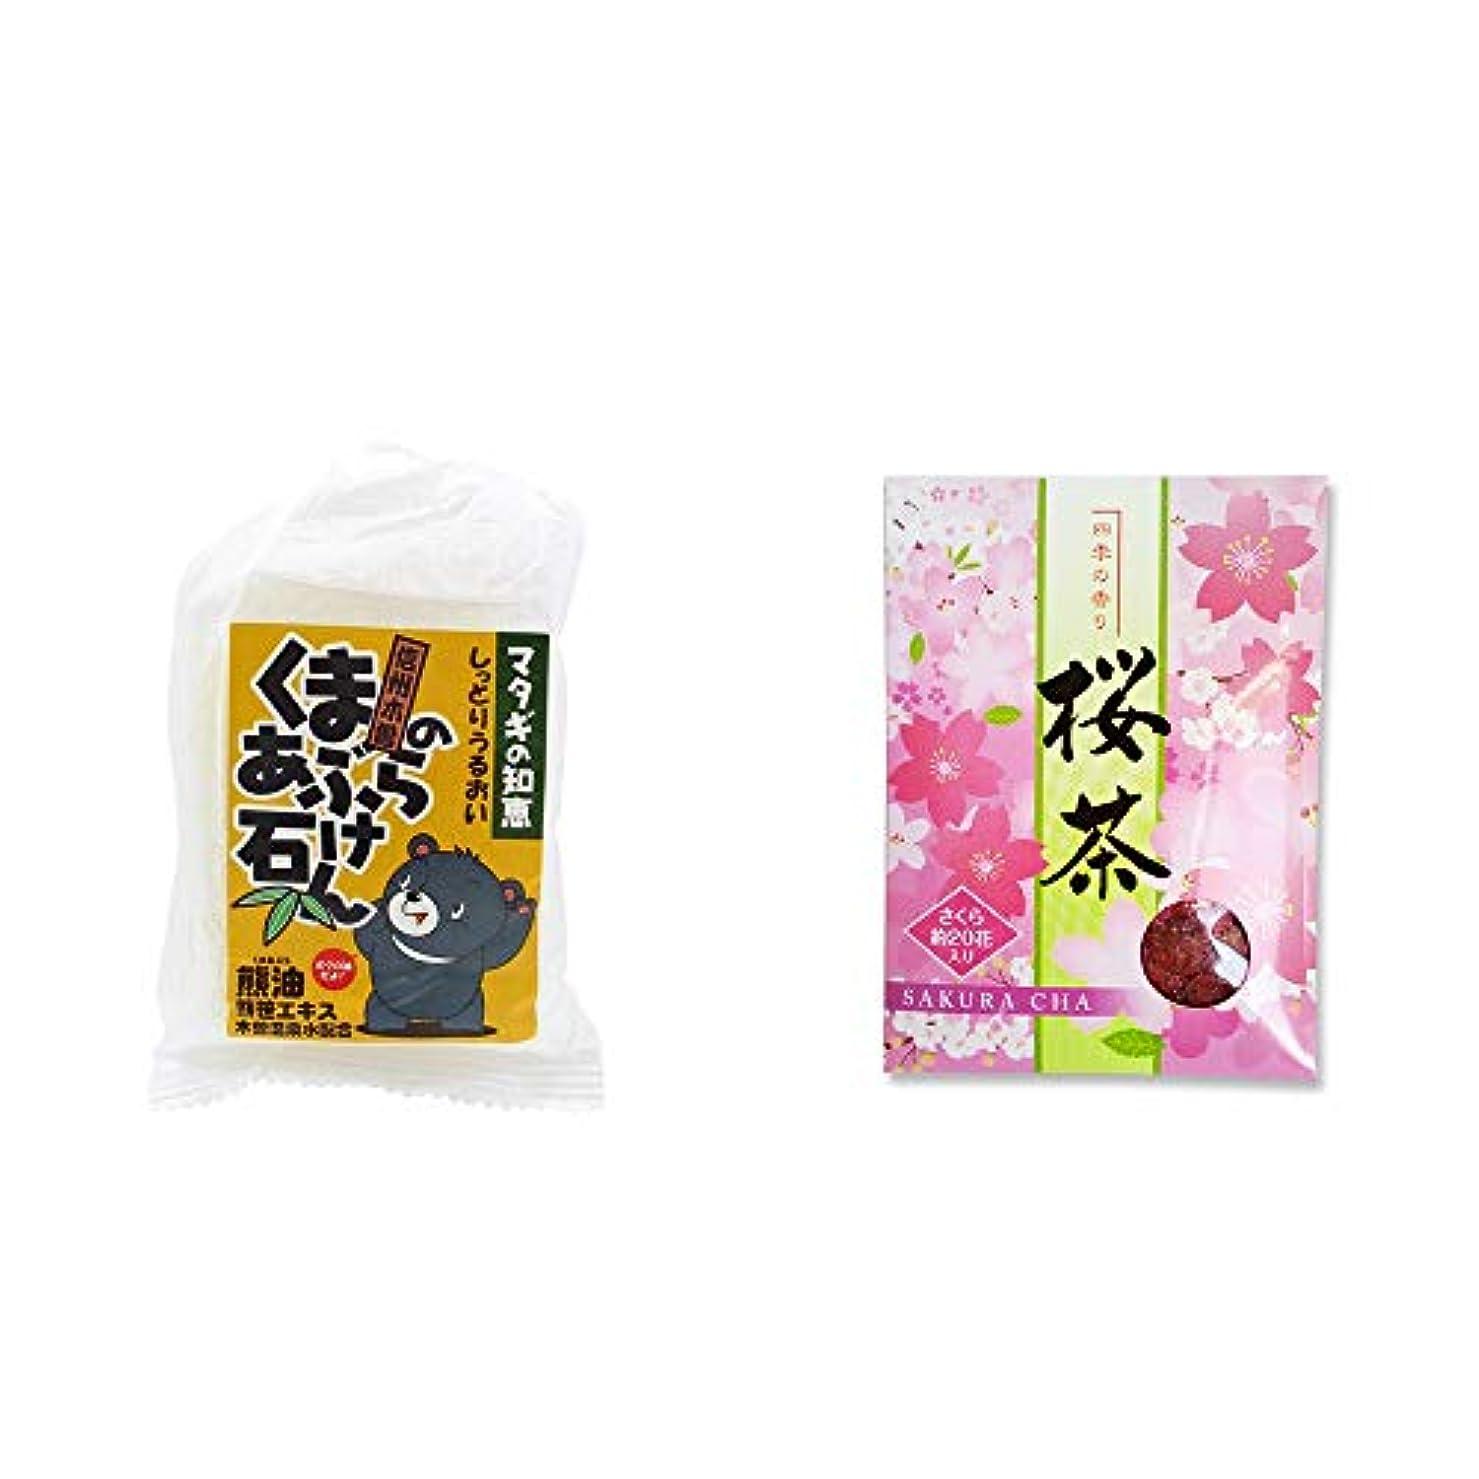 展示会びっくりしたいじめっ子[2点セット] 信州木曽 くまのあぶら石けん(80g)?桜茶(40g)